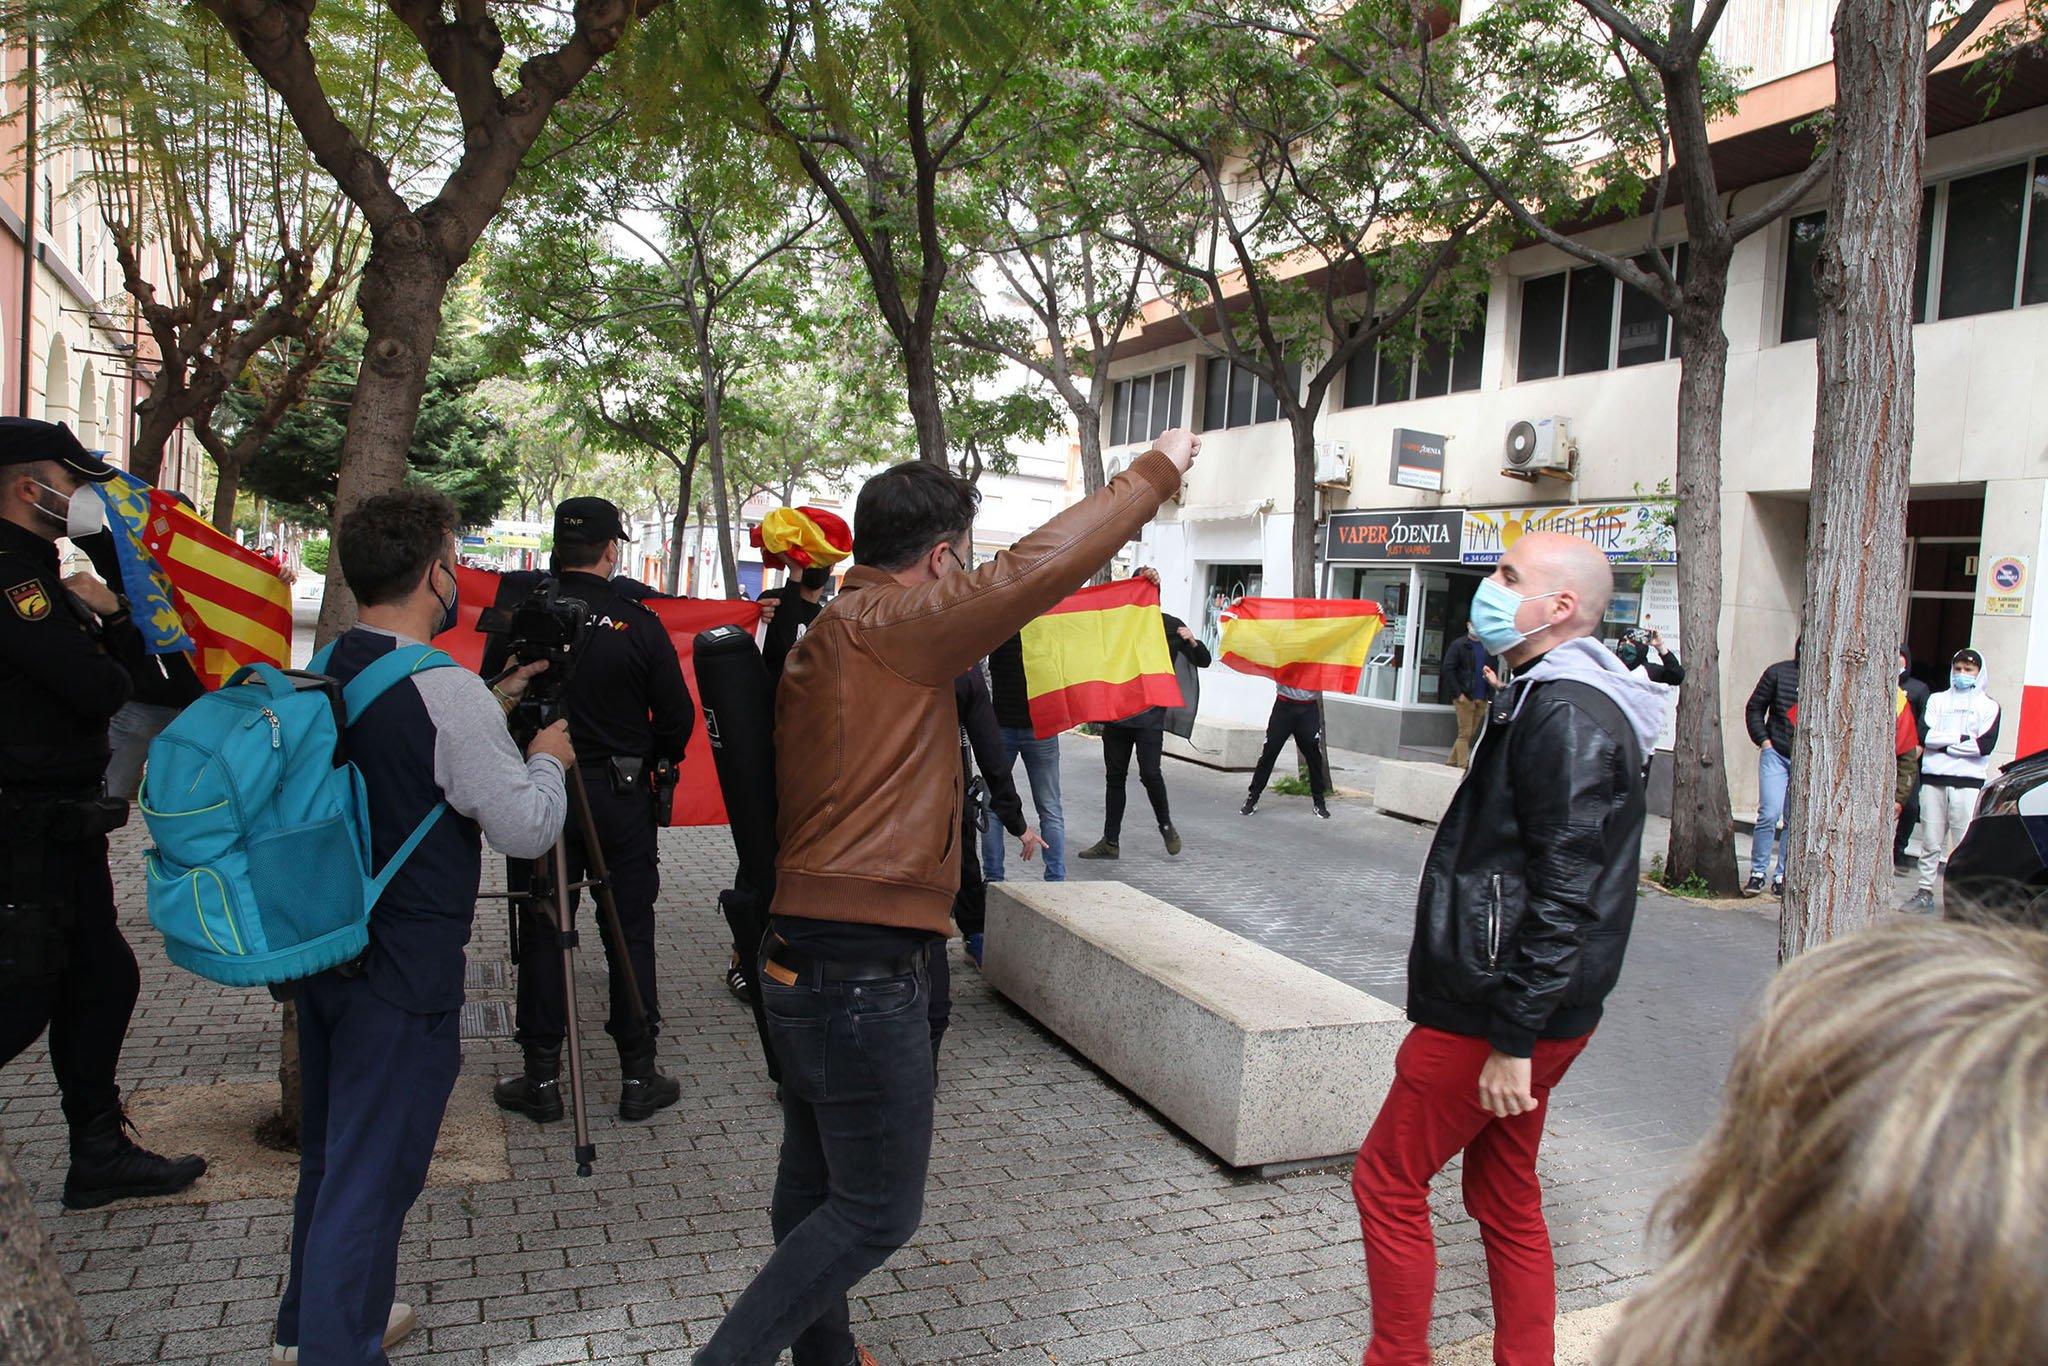 El portavoz del partido ERC frente a los ultras dispuestos en la entrada del Centre Social